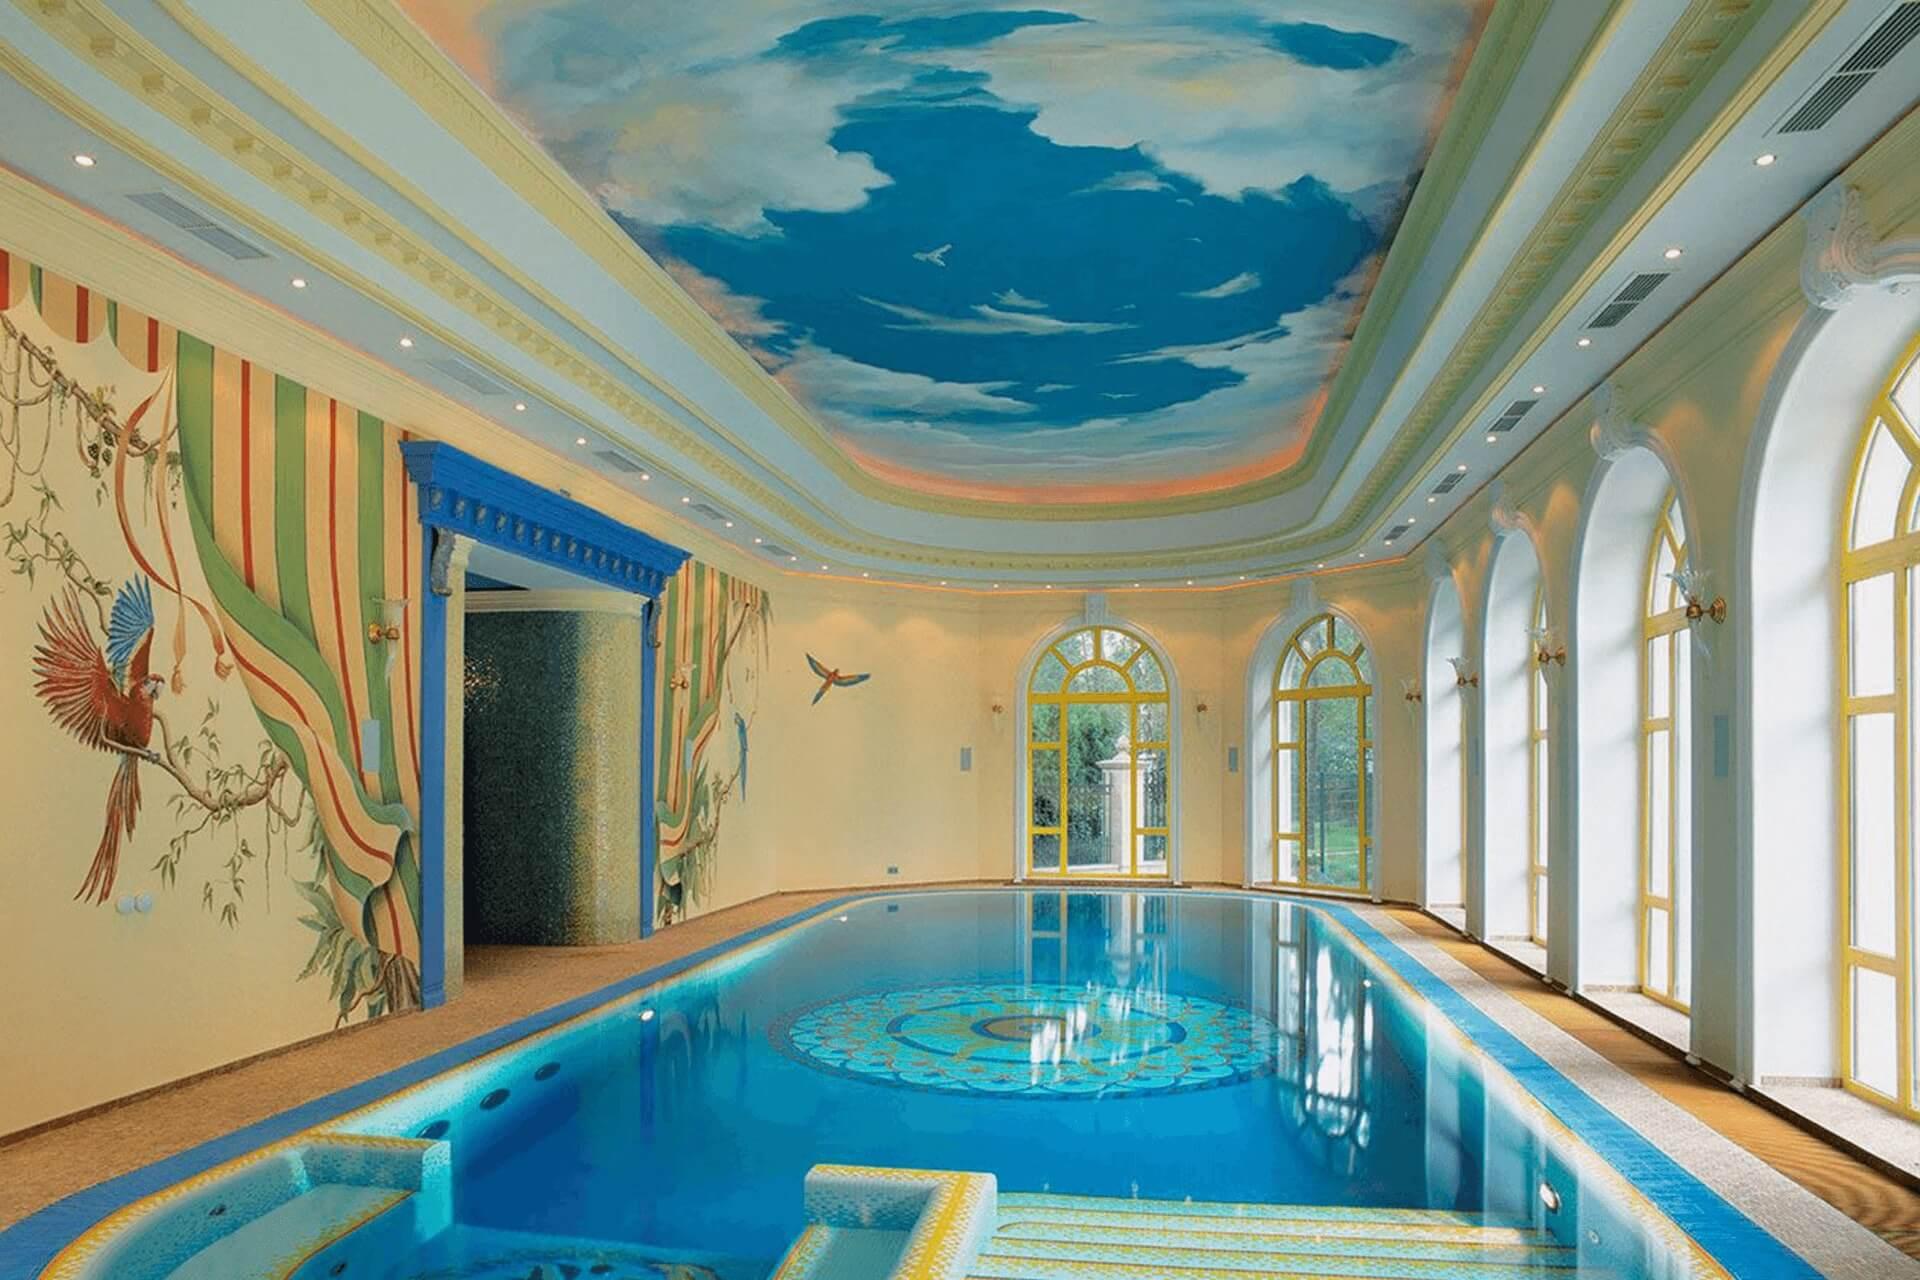 Натяжной потолок с фотопечатью облака в бассейне